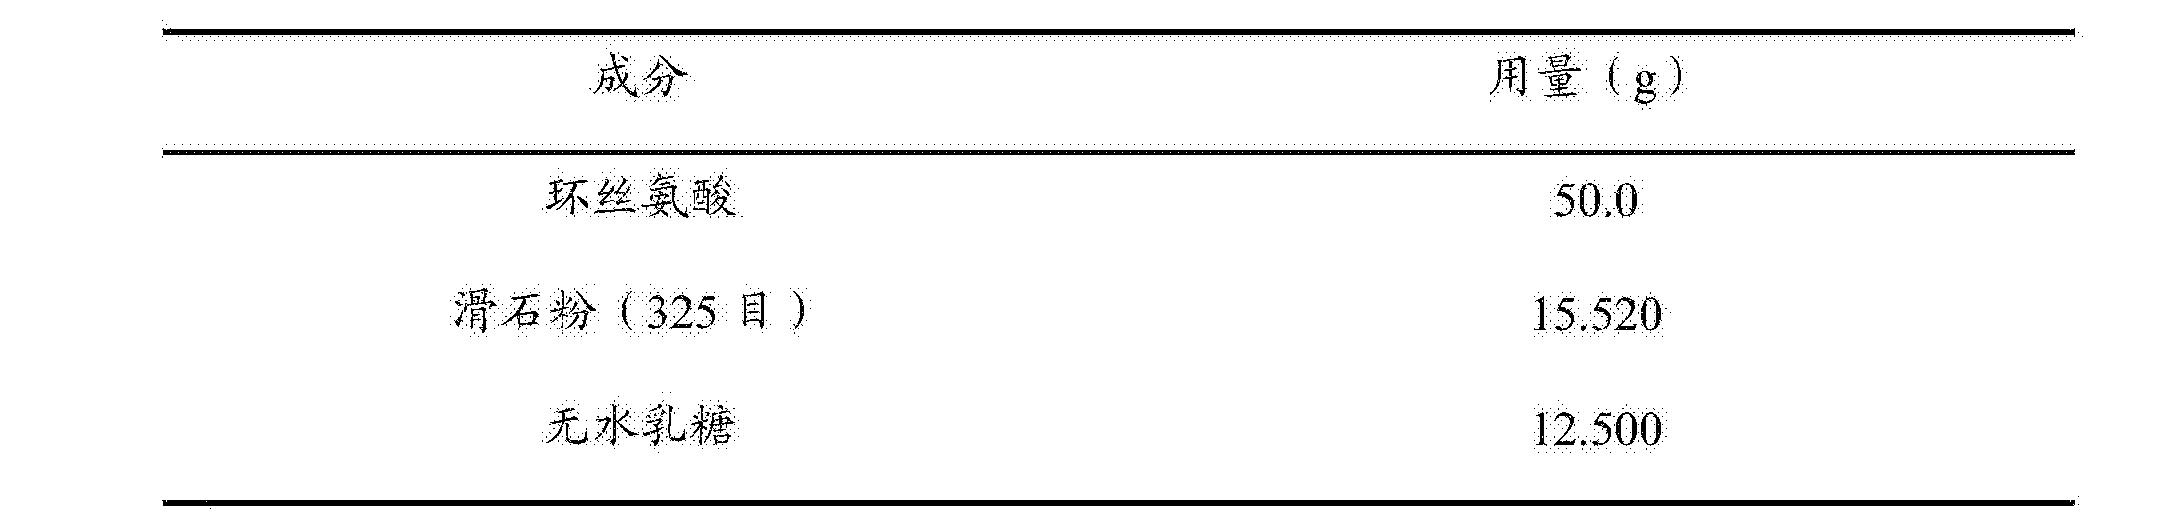 Figure CN105476976BD00172